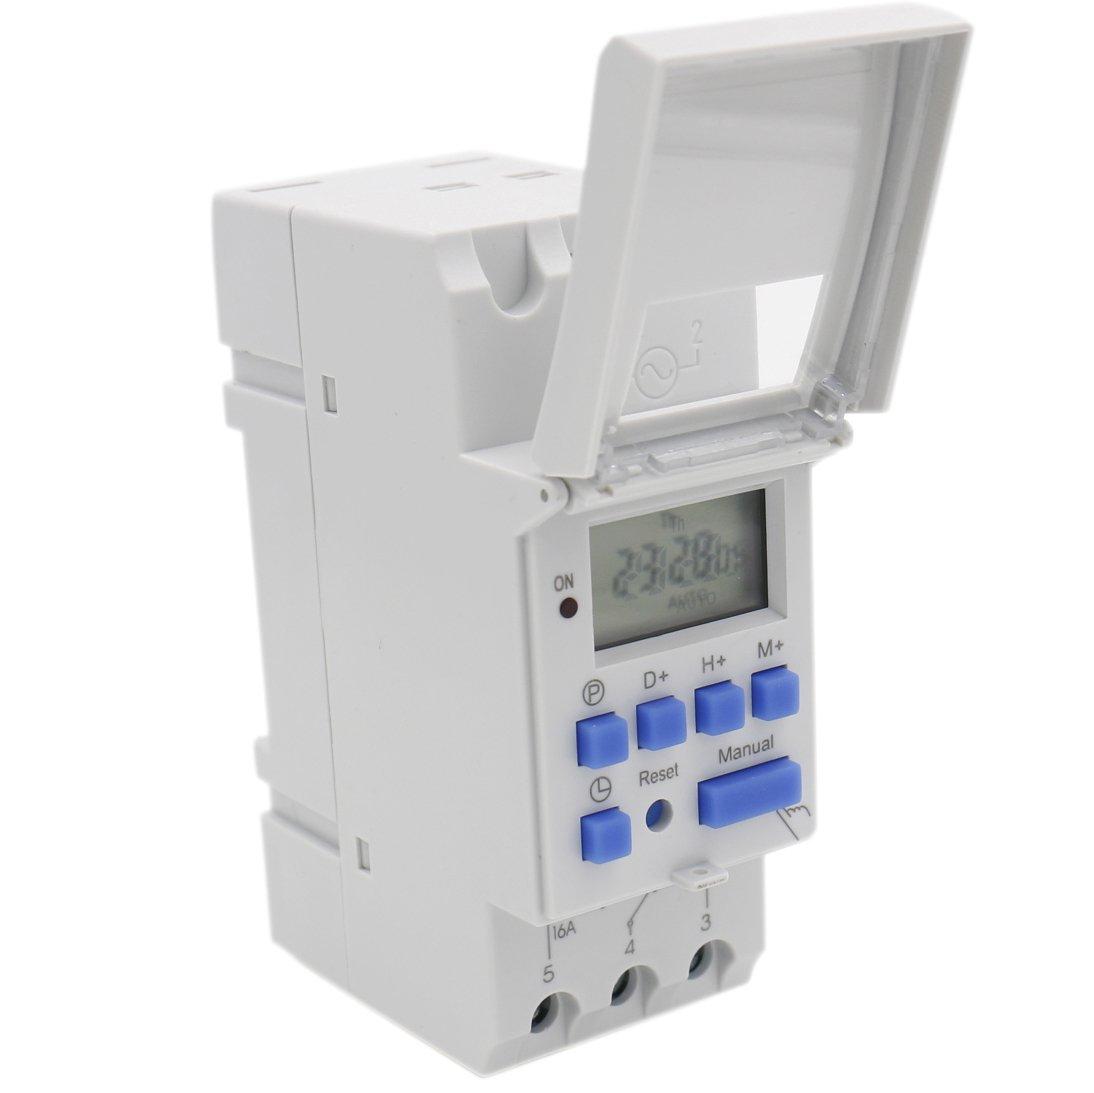 Heschen, interruptor de relé de temporizador semanal de alimentación, Digital, LCD, THC15A, CA 220a240V, 16A SPST, 35mm, carril DIN 16A SPST 35mm Oktimer